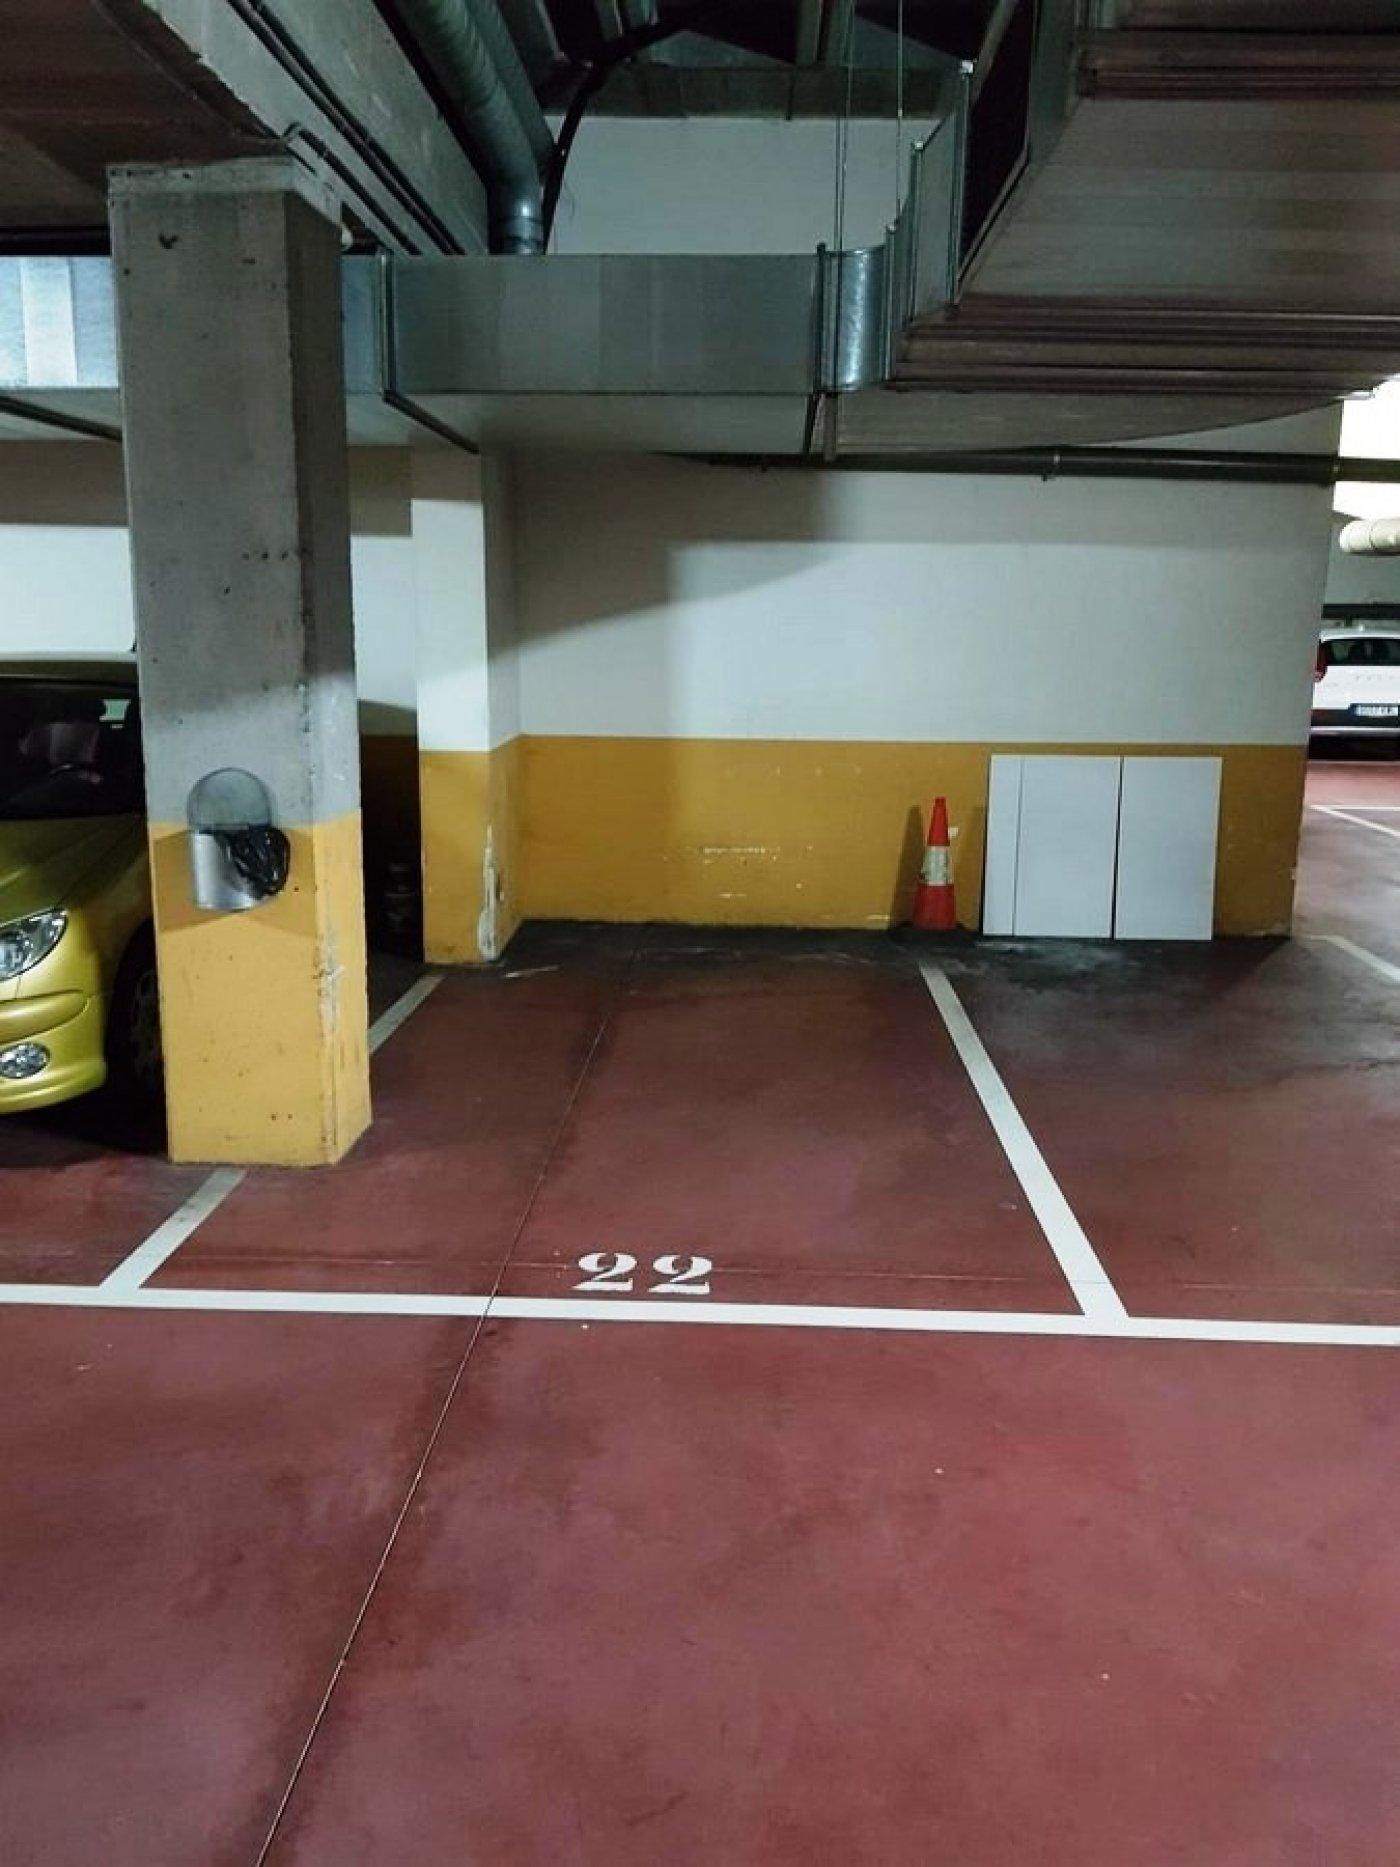 Plaza de garaje cercano a plaza san miguel - imagenInmueble1